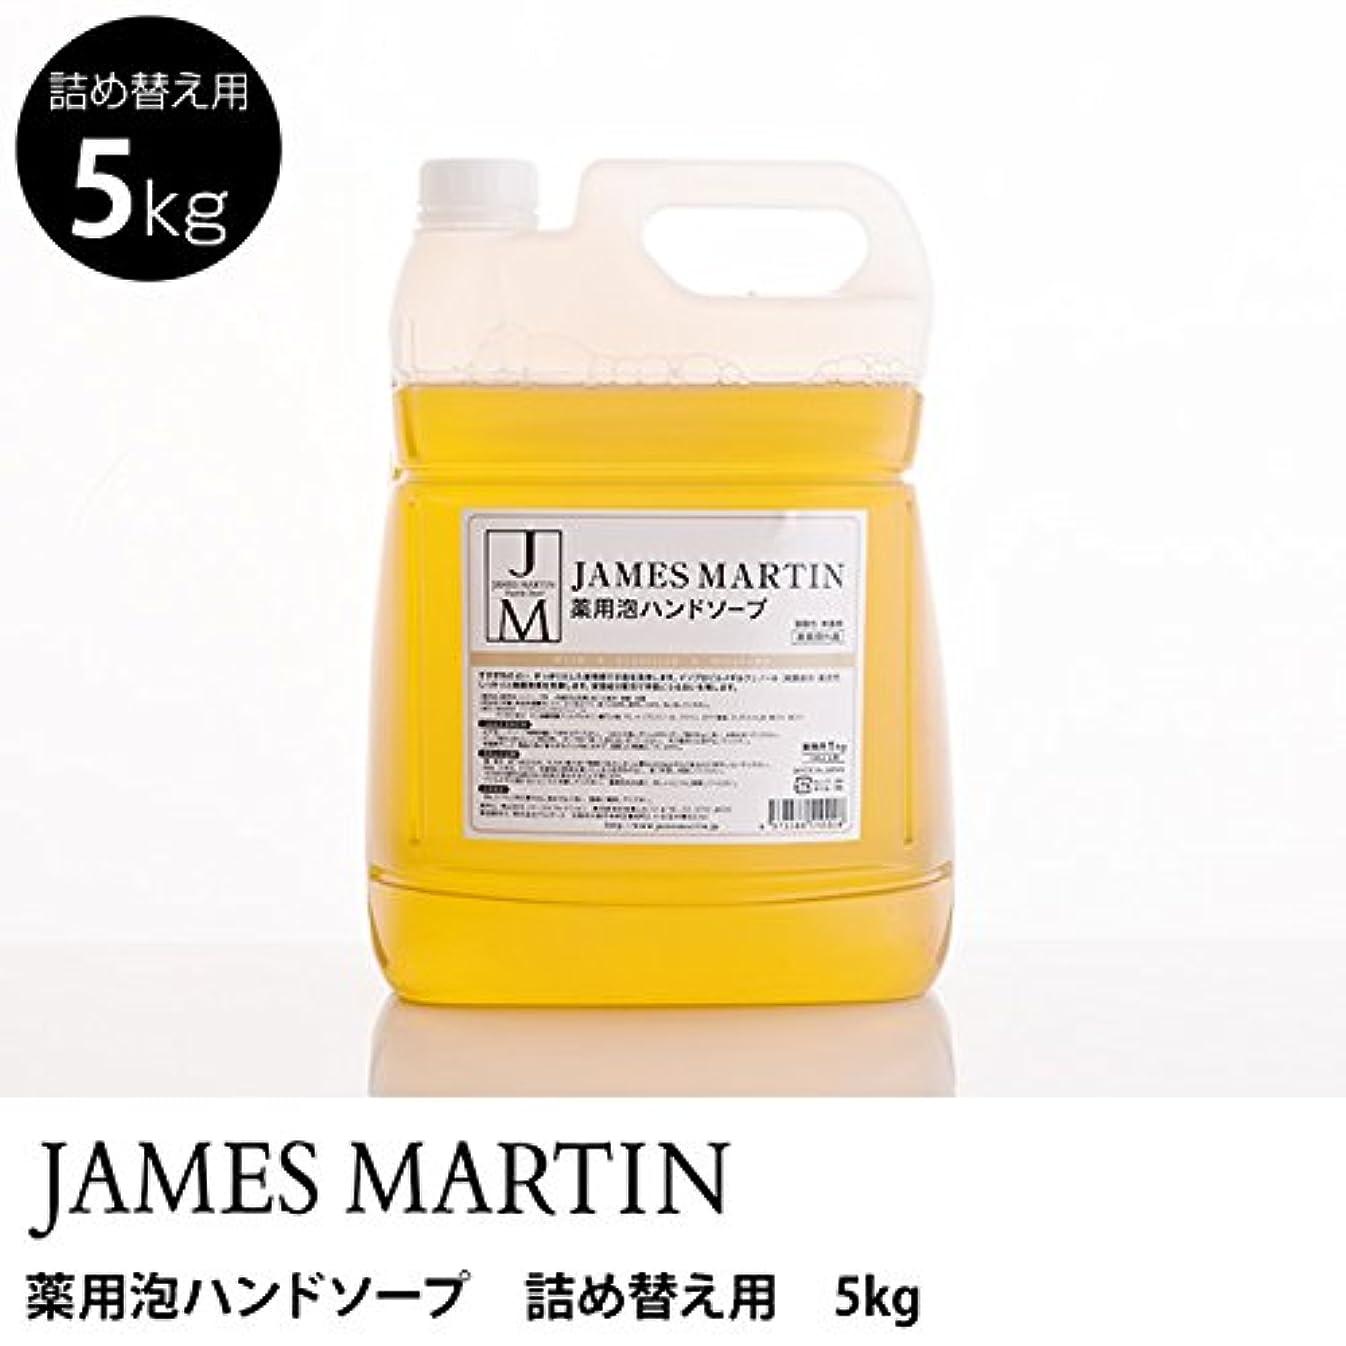 ほかにアジテーション適度なジェームズマーティン 薬用泡ハンドソープ(無香料) 詰替用 5kg